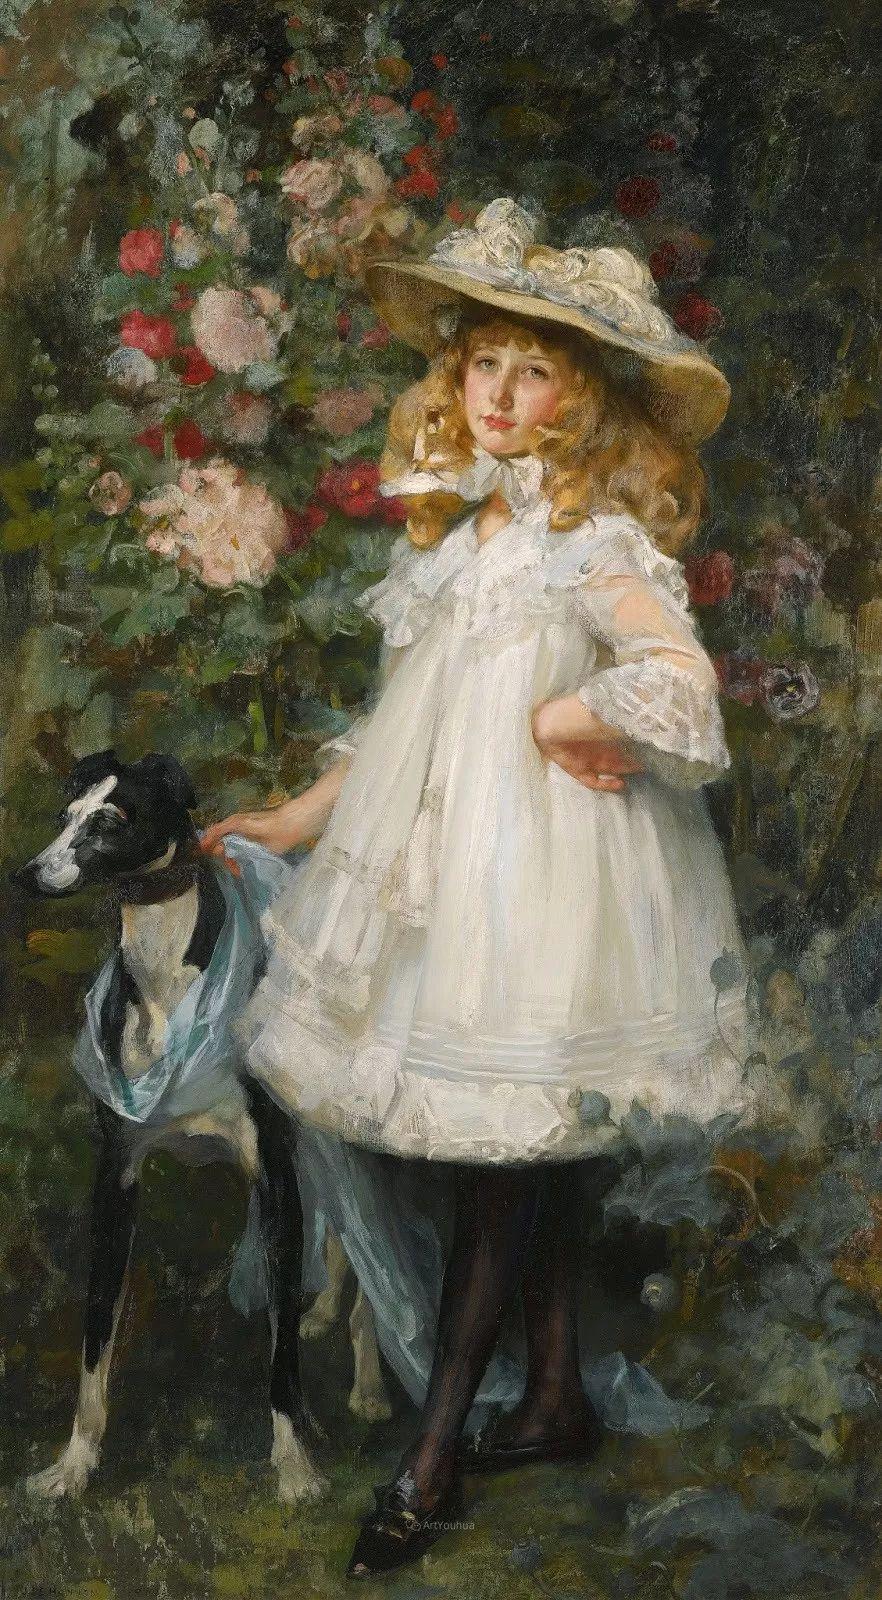 画家笔下苗条的女子,美丽优雅!英裔美国画家James Jebusa Shannon插图13